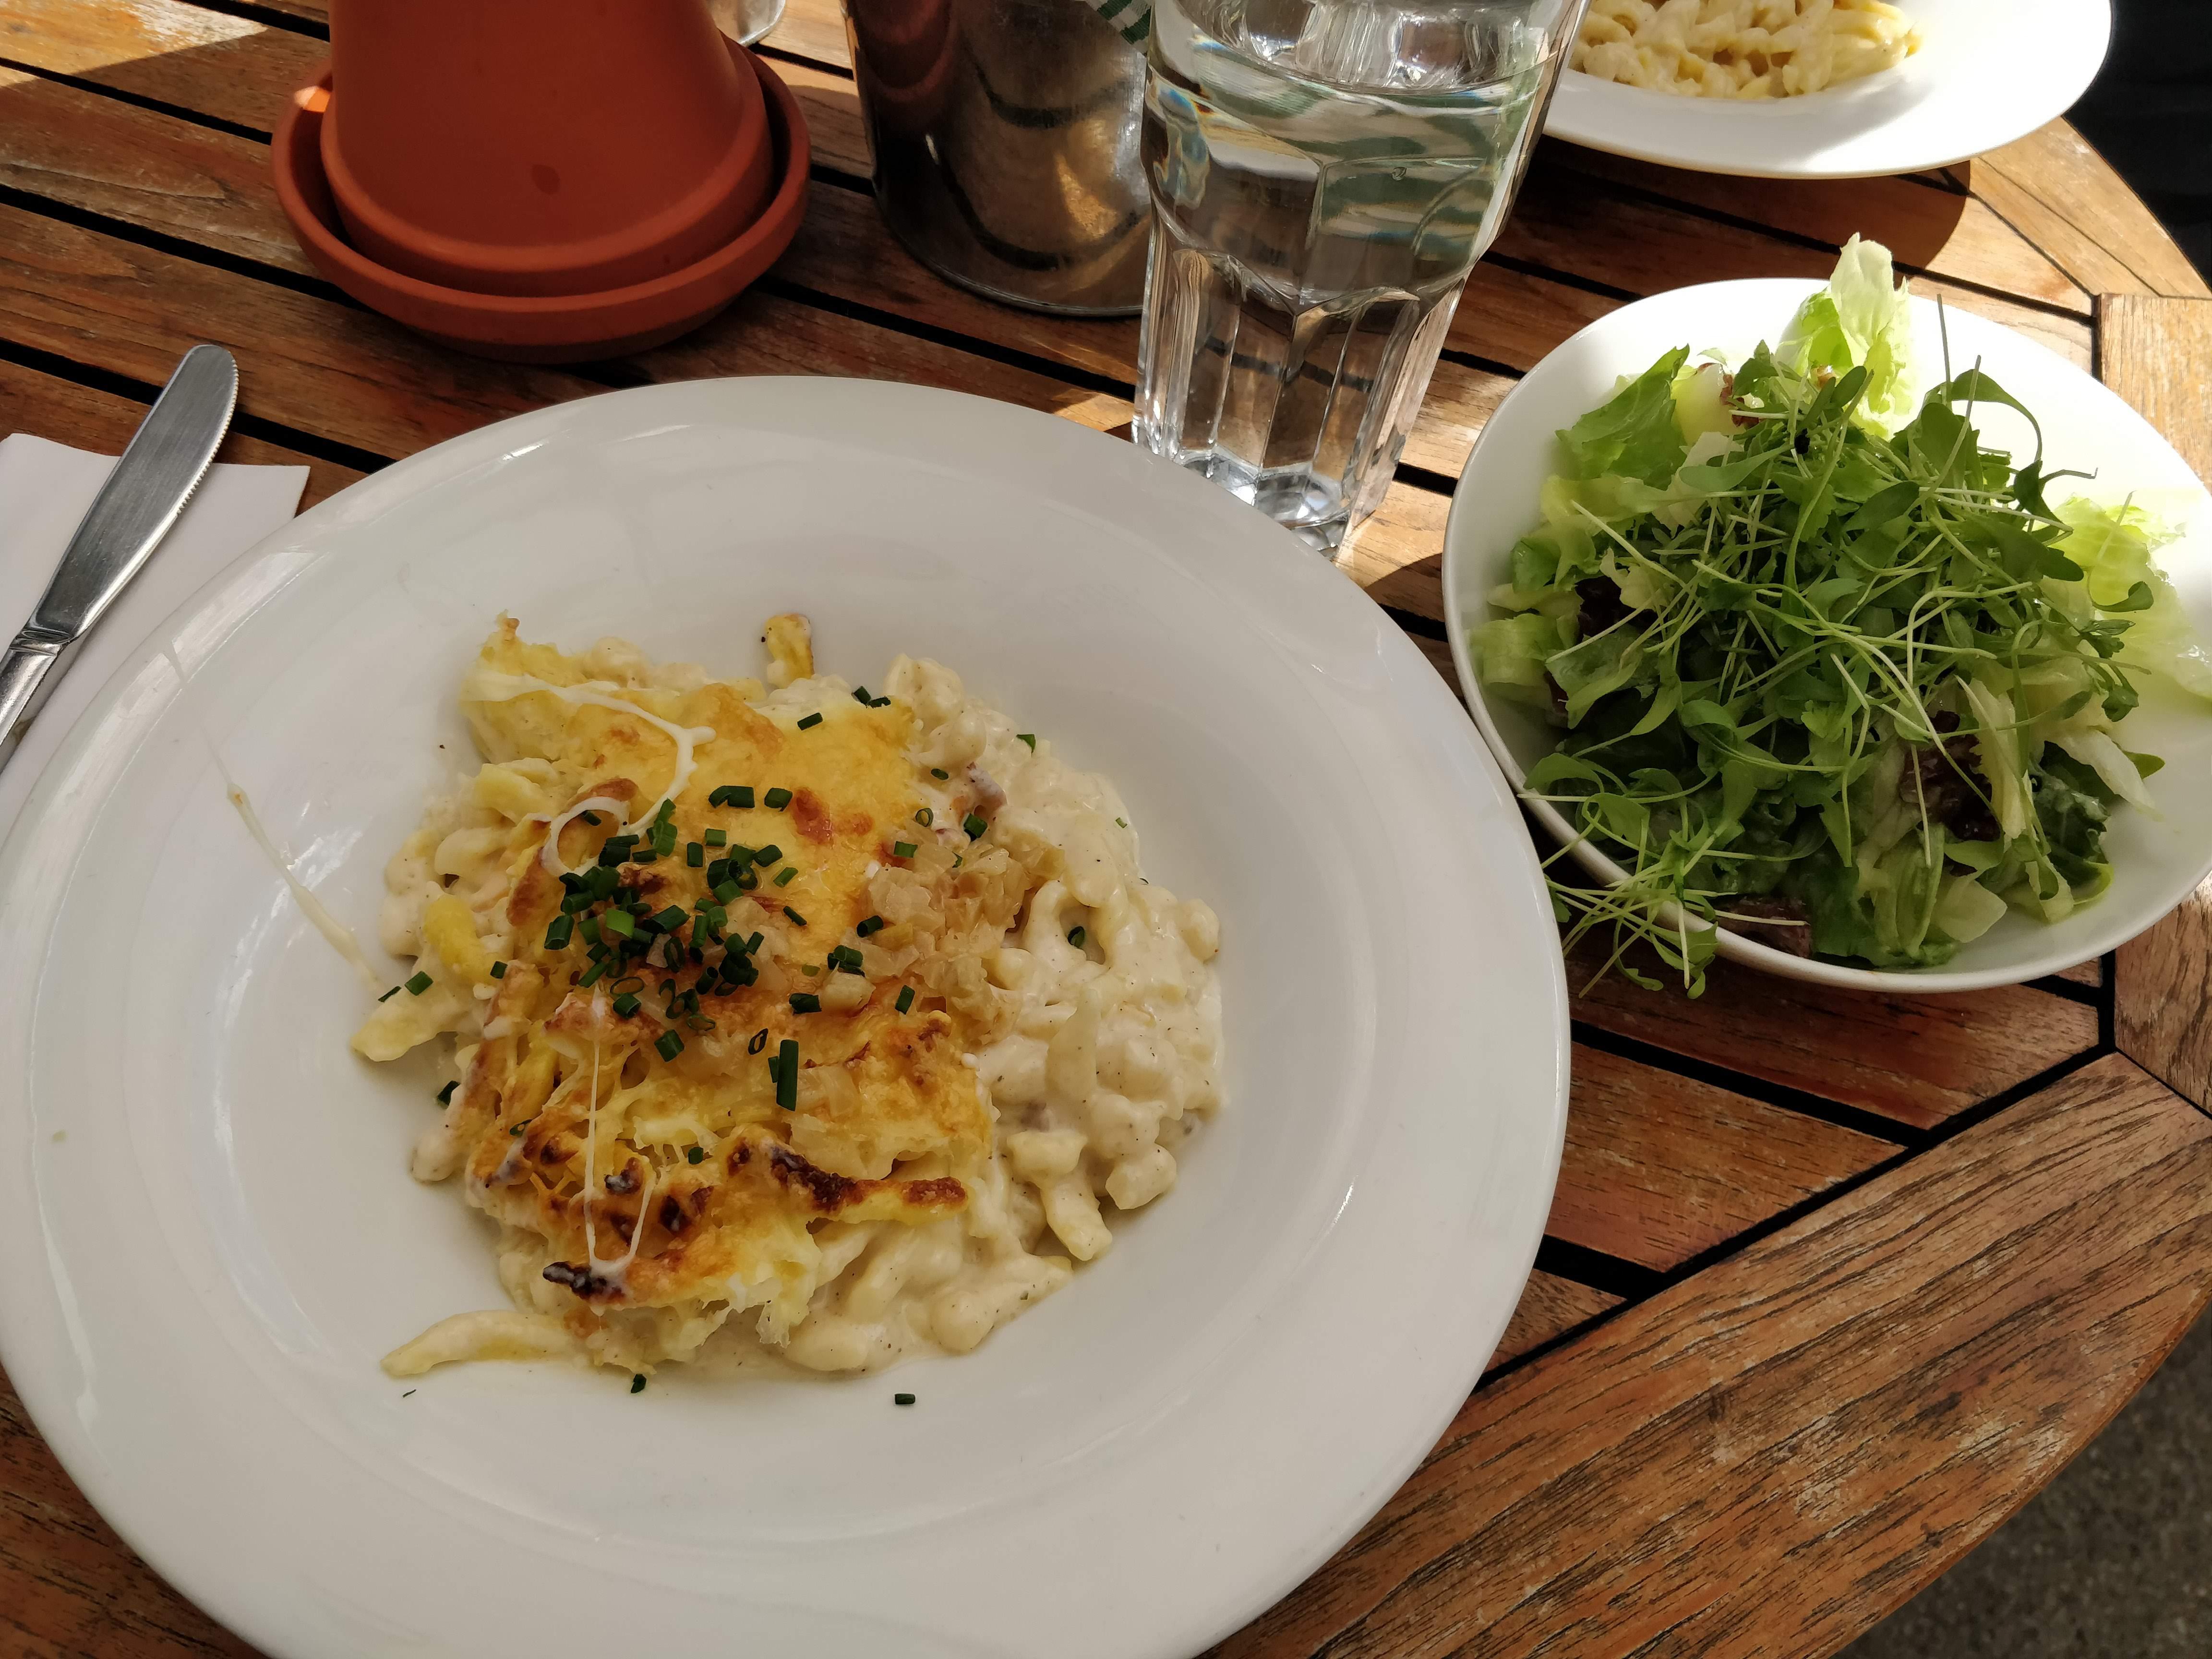 https://foodloader.net/nico_2018-08-10_kaesespaetzle-mit-salat.jpg